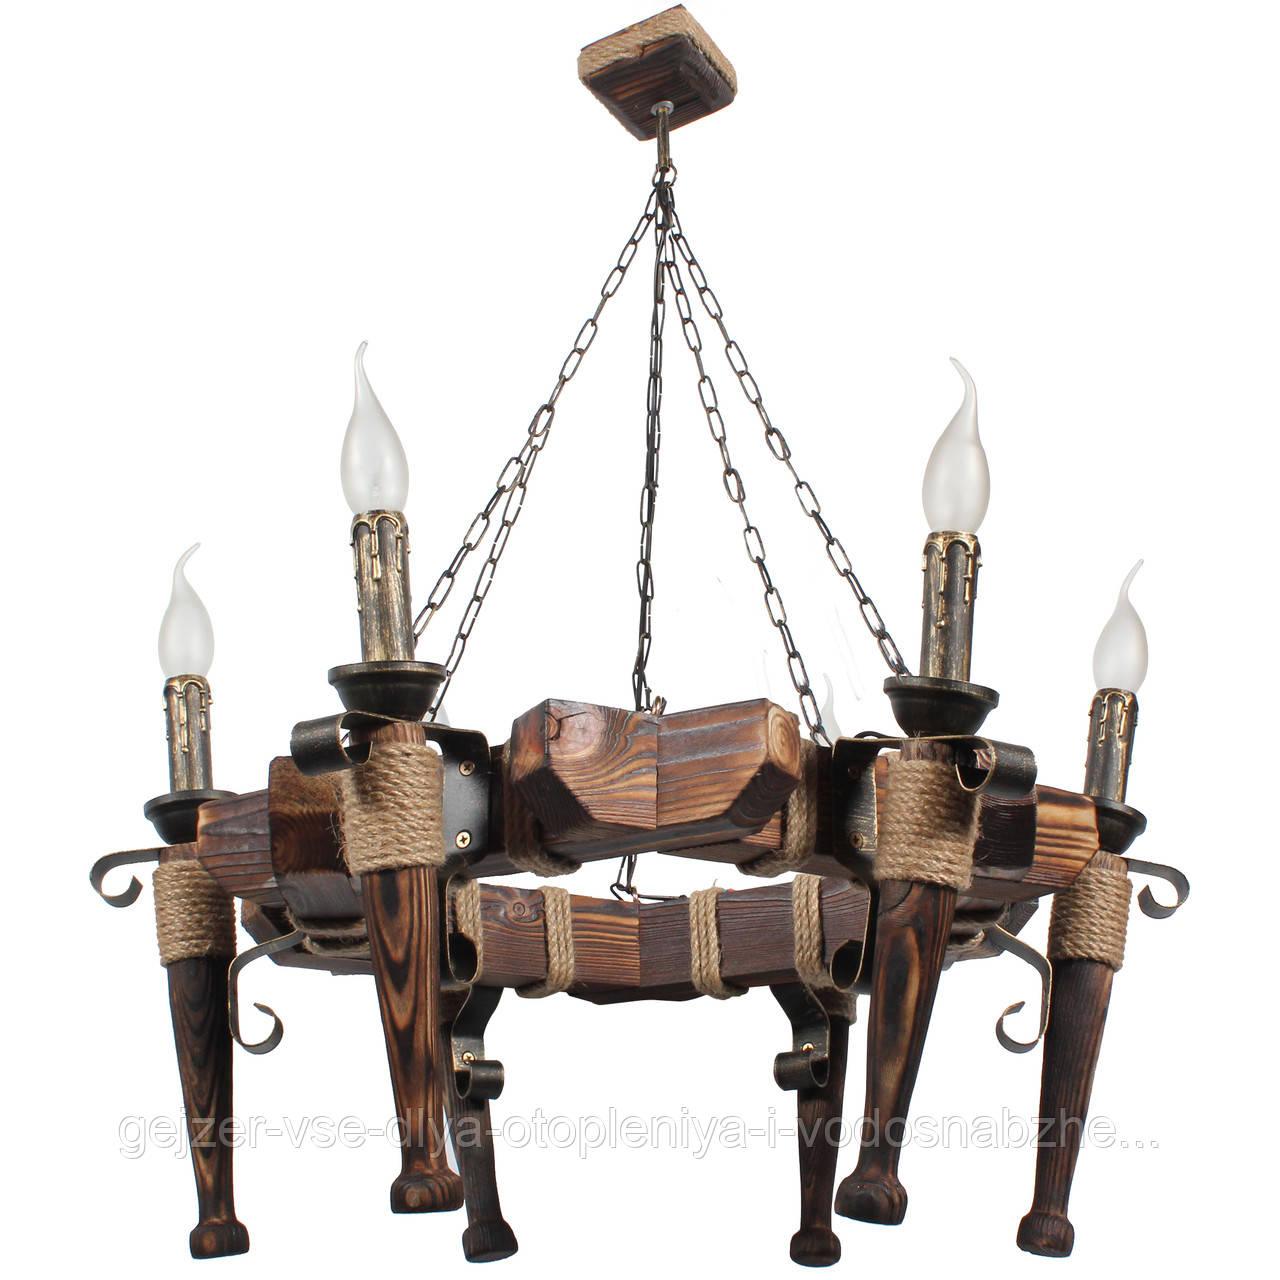 Люстра подвесная 6 свечей Е14 серии Fakel Джут 460726